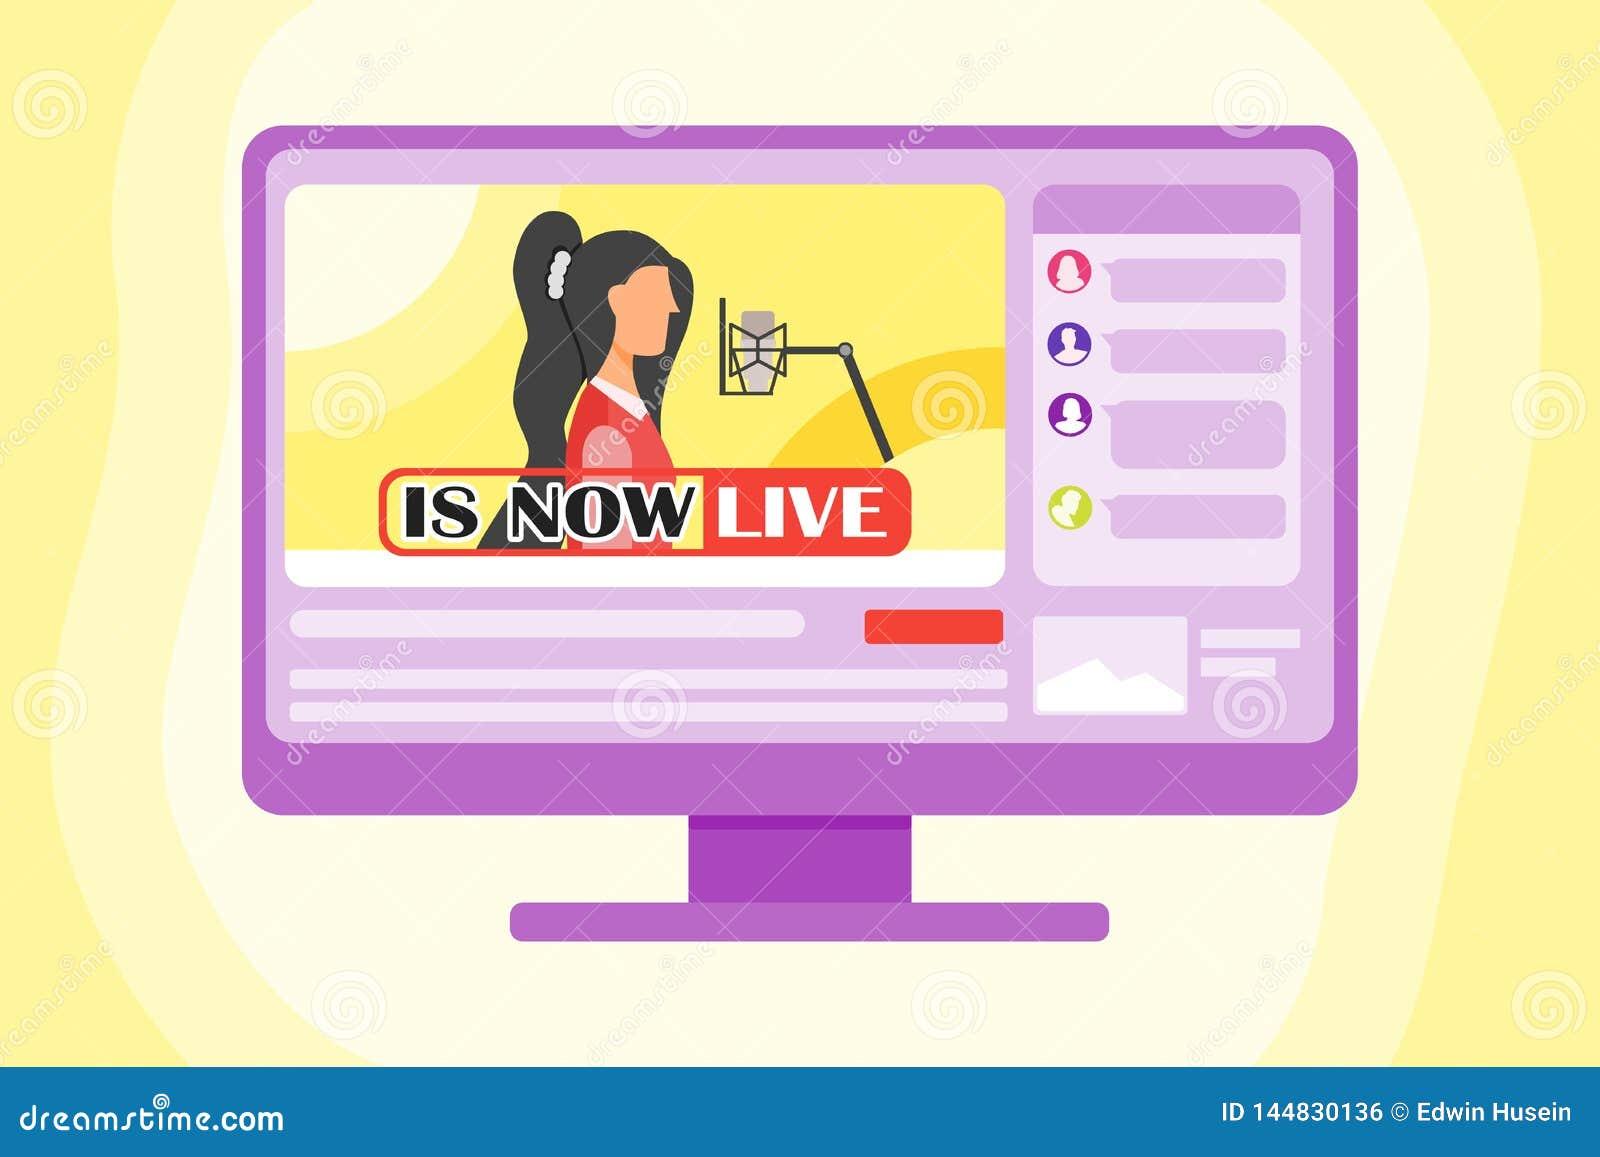 Sjunga Live On The Internet